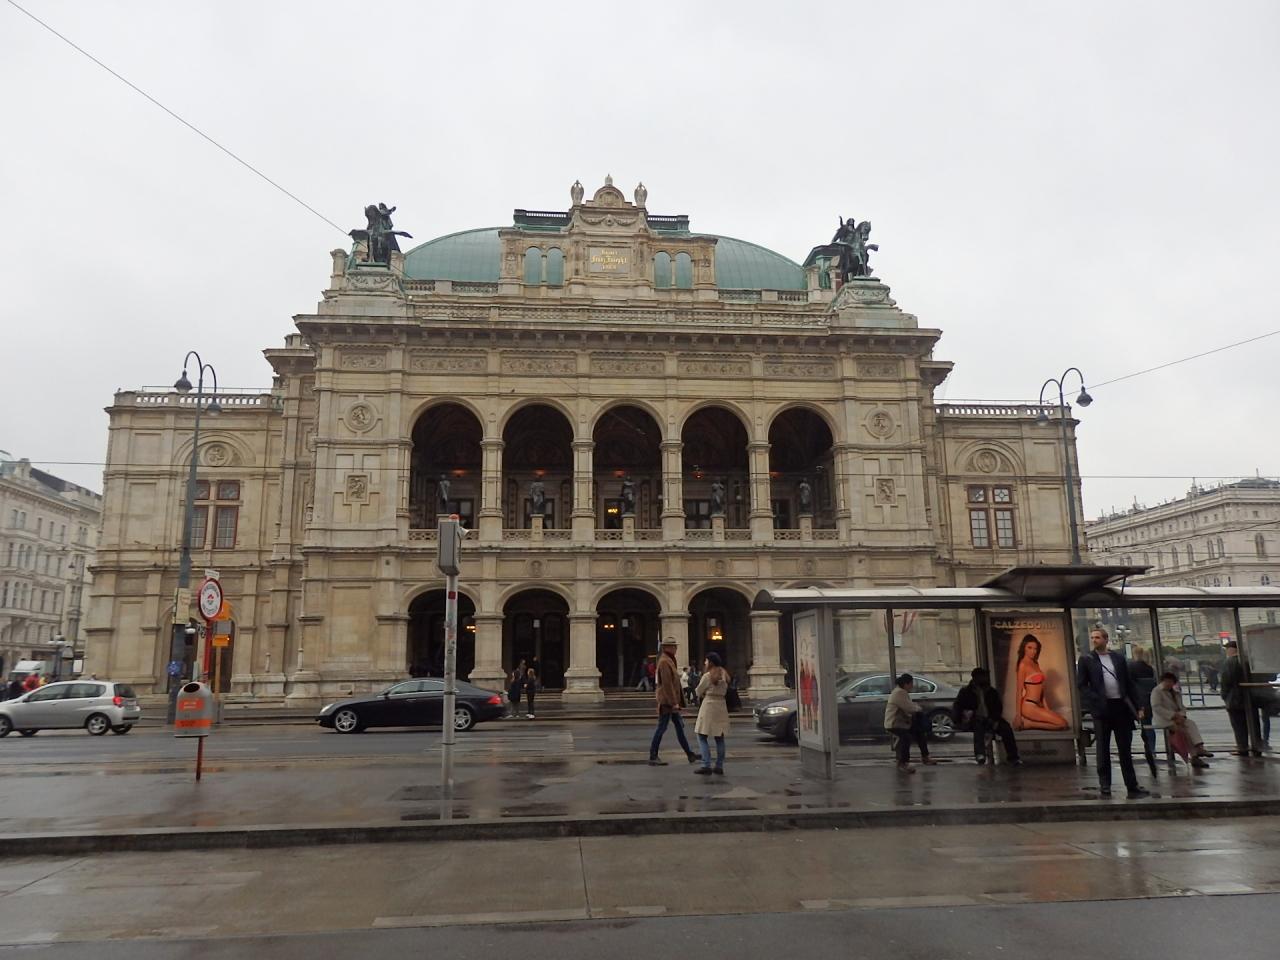 子供の頃からすっごく来てみたかった、ウィーンに遂にキタ\u2015